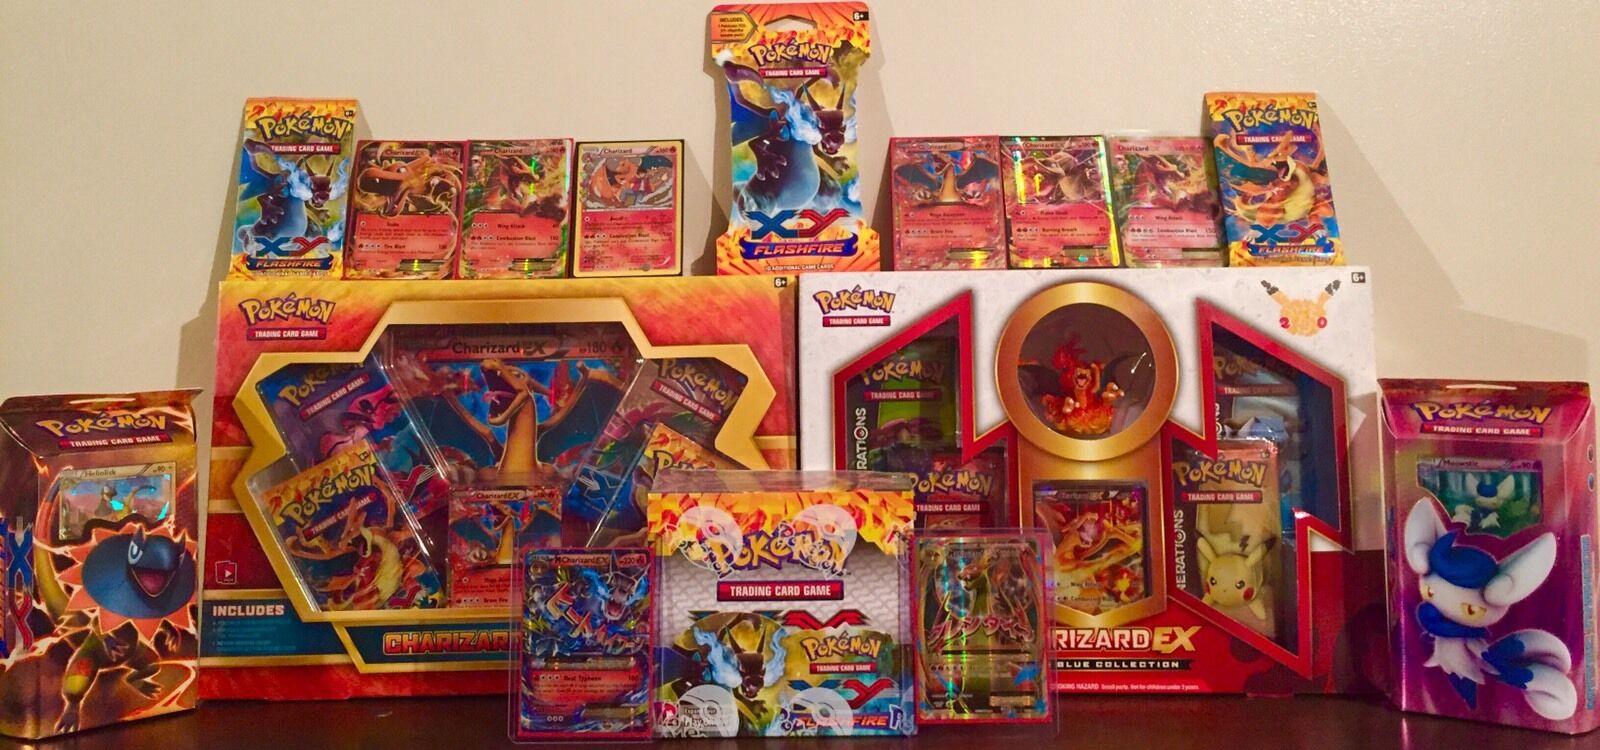 POKEMON CHARIZARD MEGA MEGA MEGA LOT (flashfire box, ex boxes, full art & MORE)+ FREE GIFT f2e011